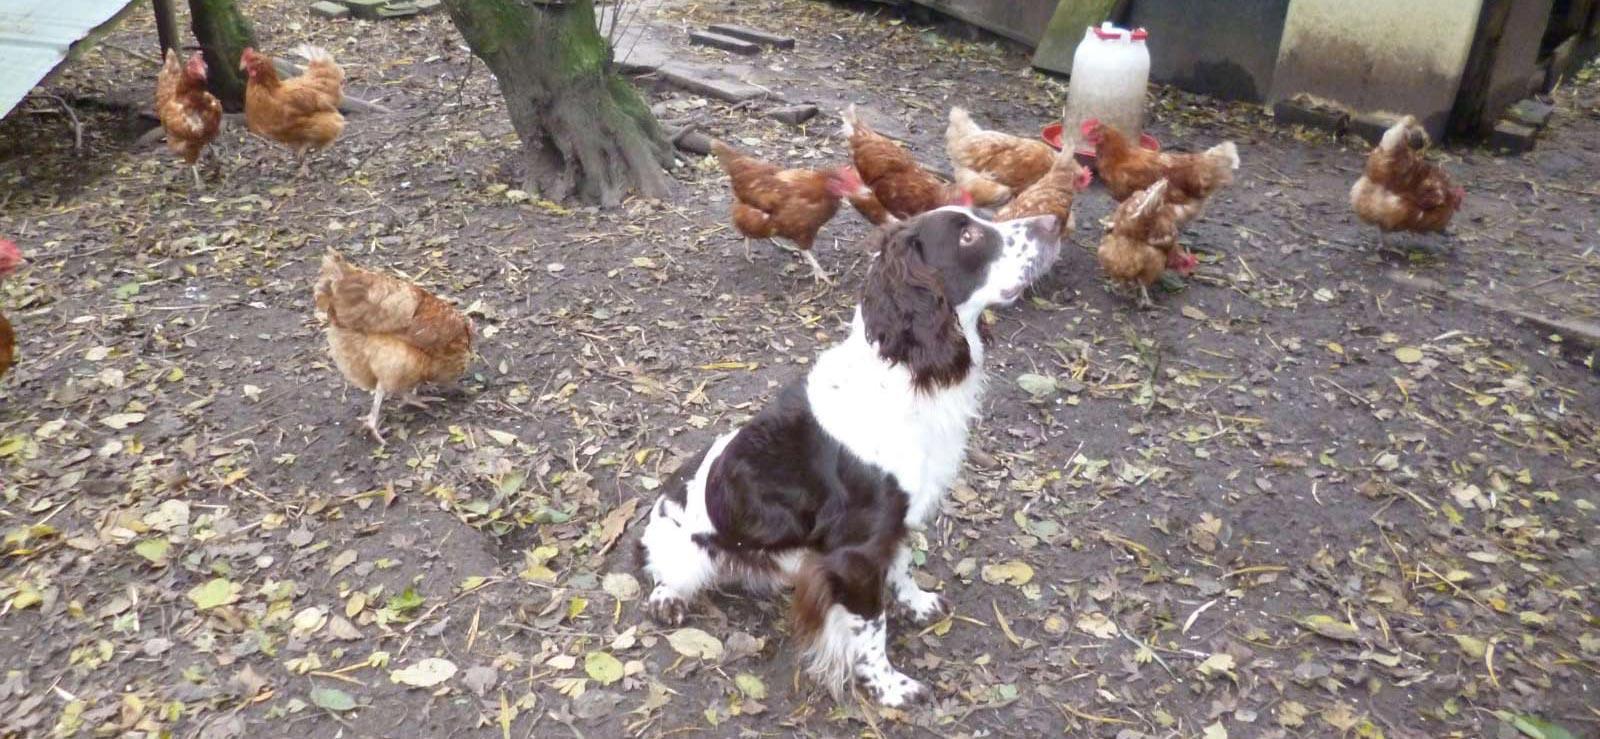 Gundog training in the chicken coop